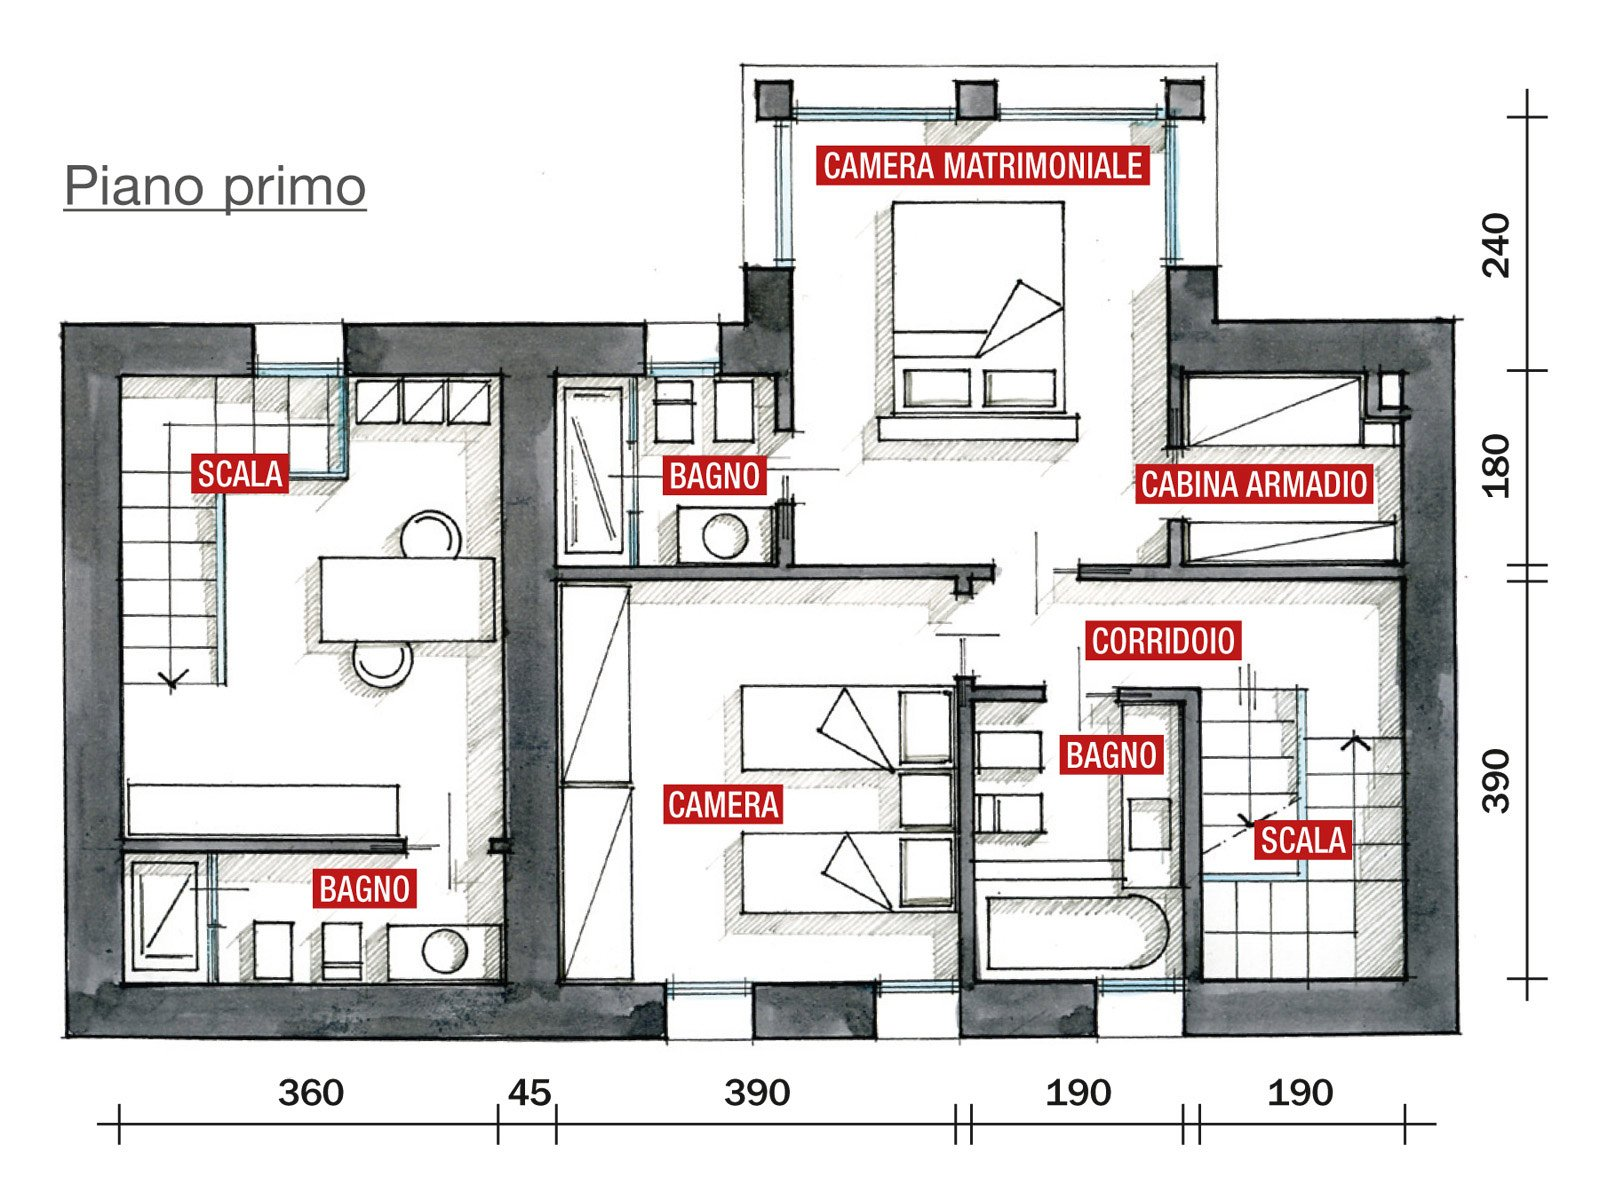 Legno e pietra a vista nella casa restaurata cose di casa for Piani casa 3 camere da letto e garage doppio